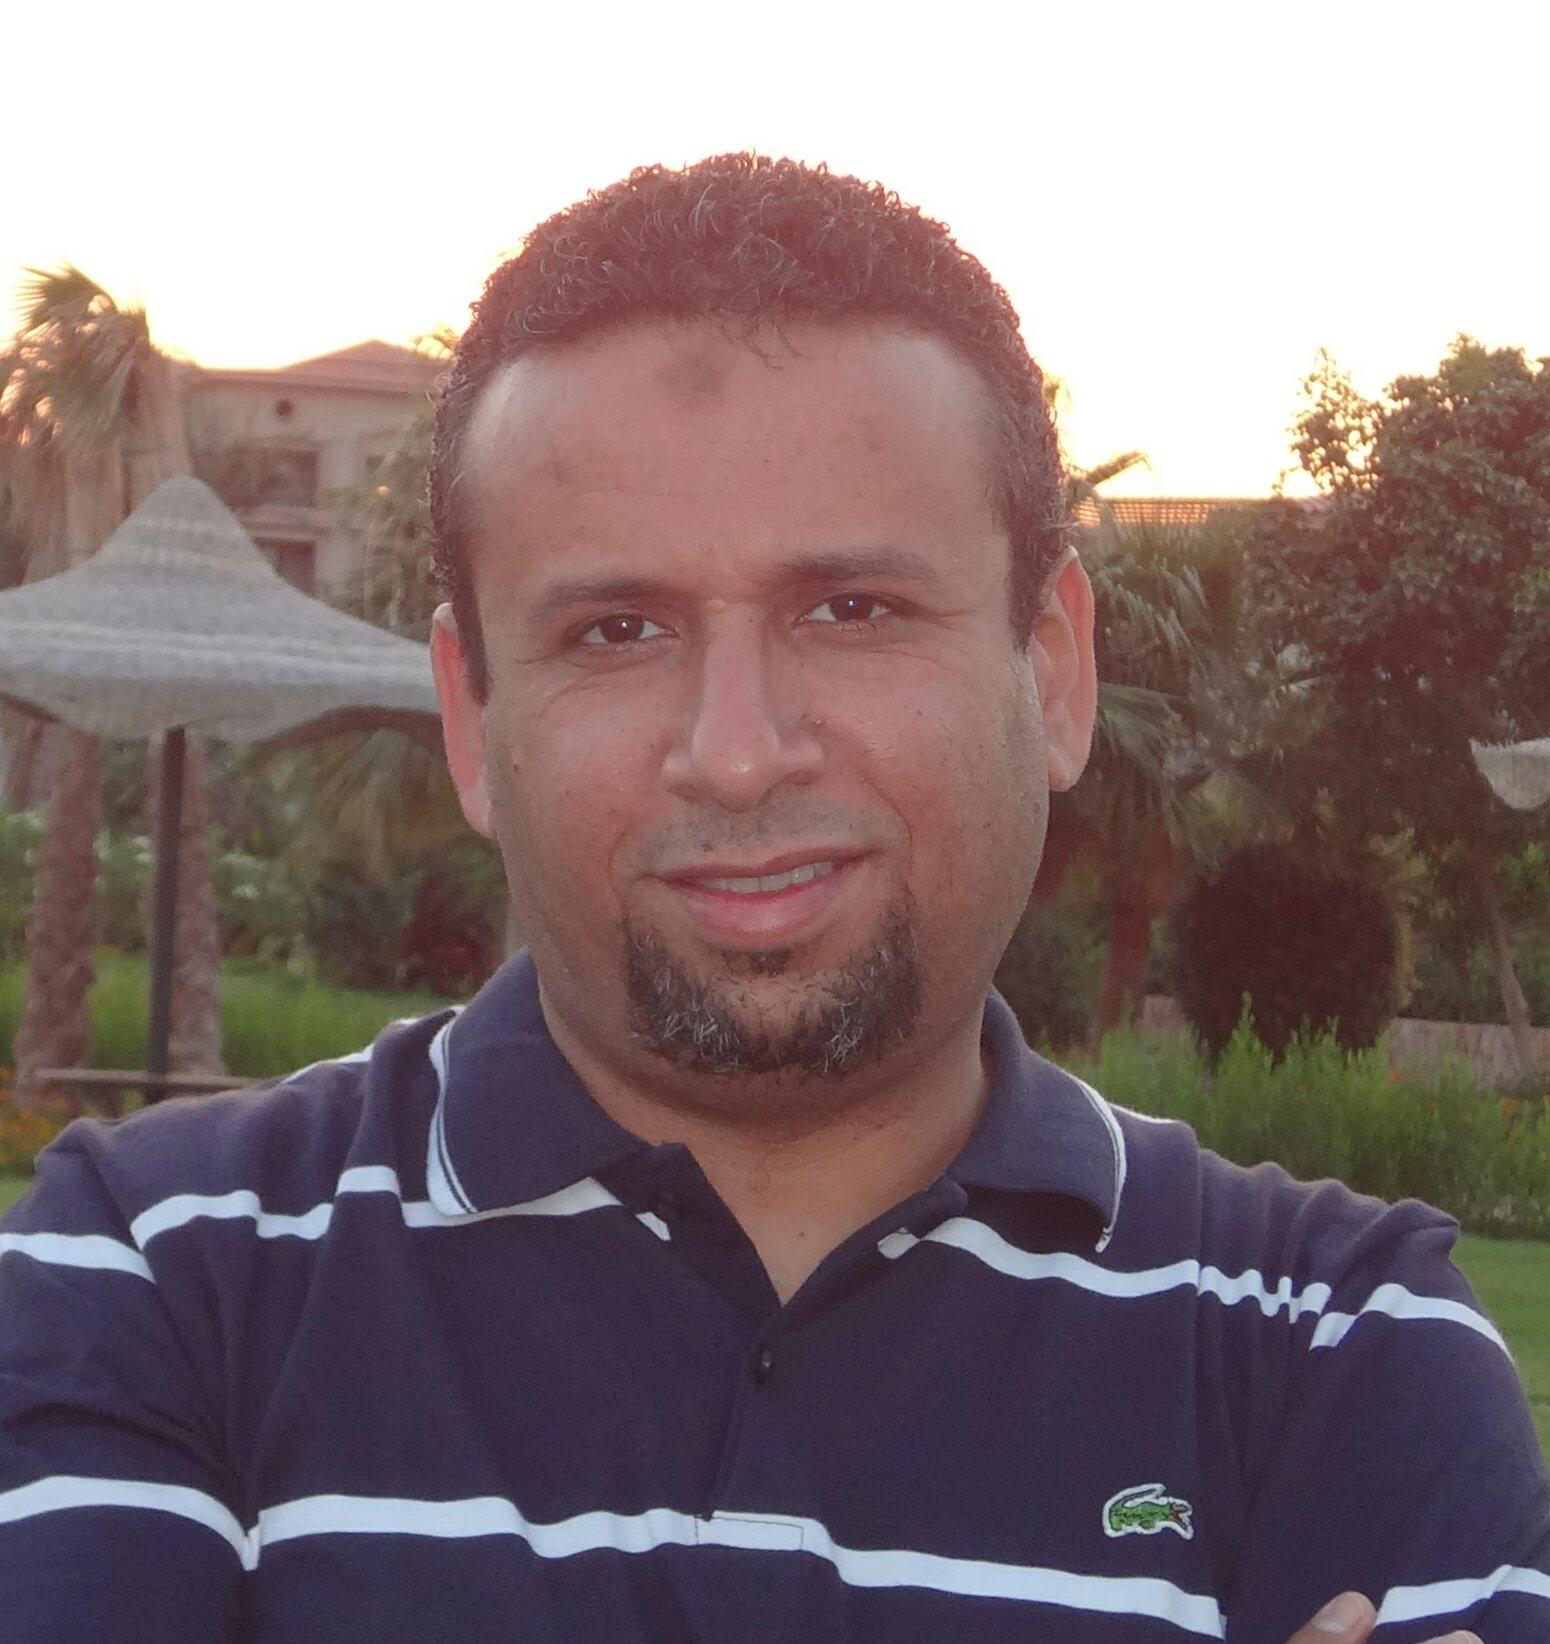 أ-أحمد غيث مدرس اللغة الألمانية